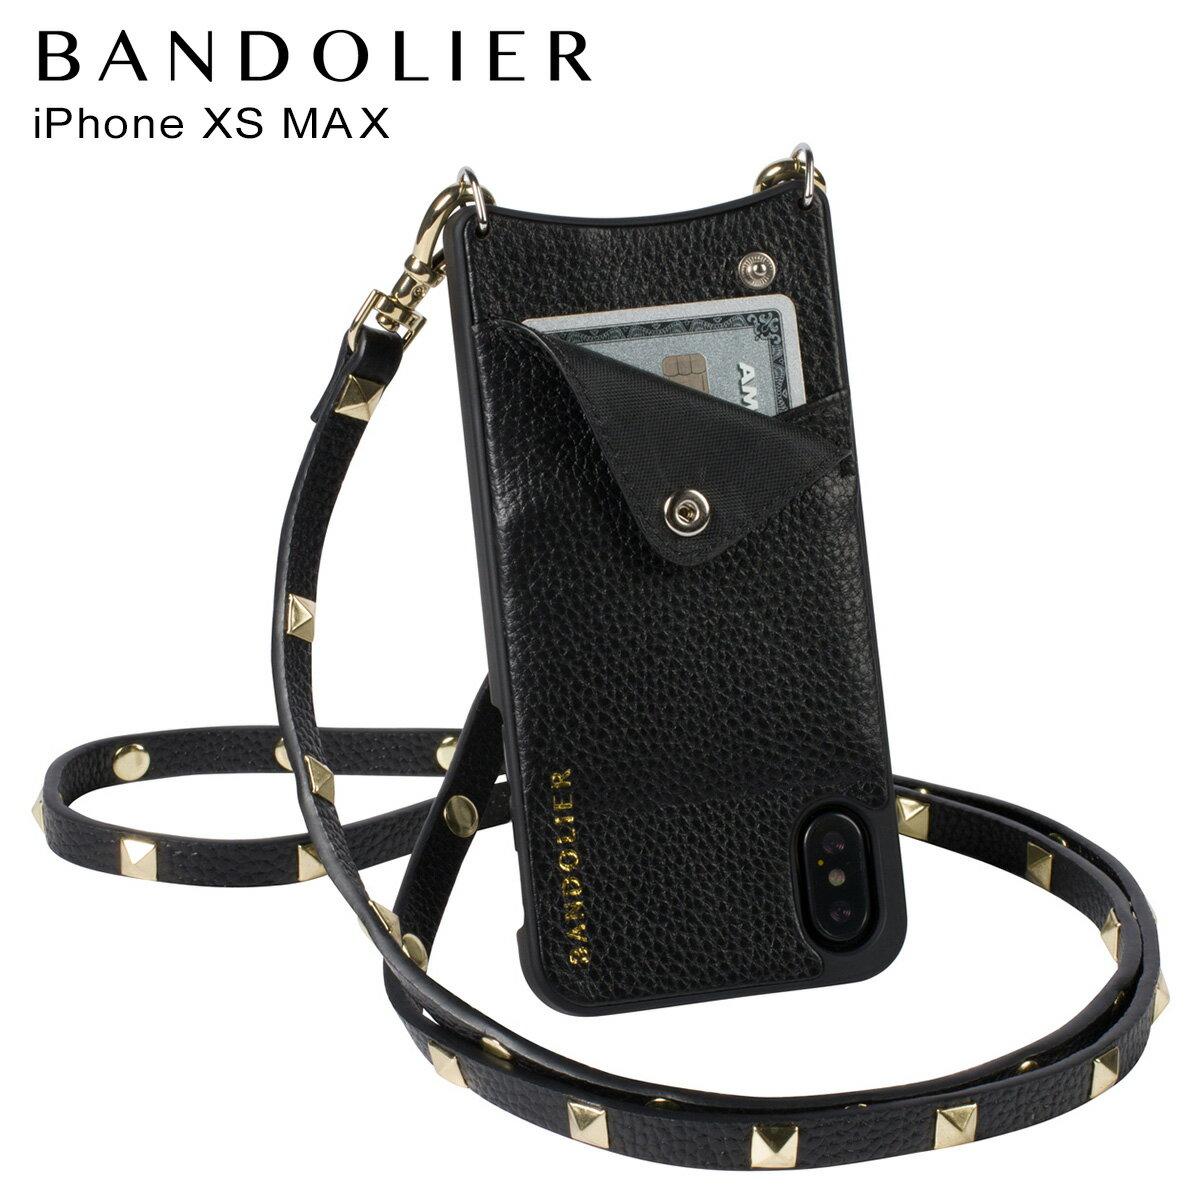 BANDOLIER バンドリヤー iPhone XS MAX ケース ショルダー スマホ アイフォン レザー SARAH GOLD メンズ レディース ブラック 10SAR1001